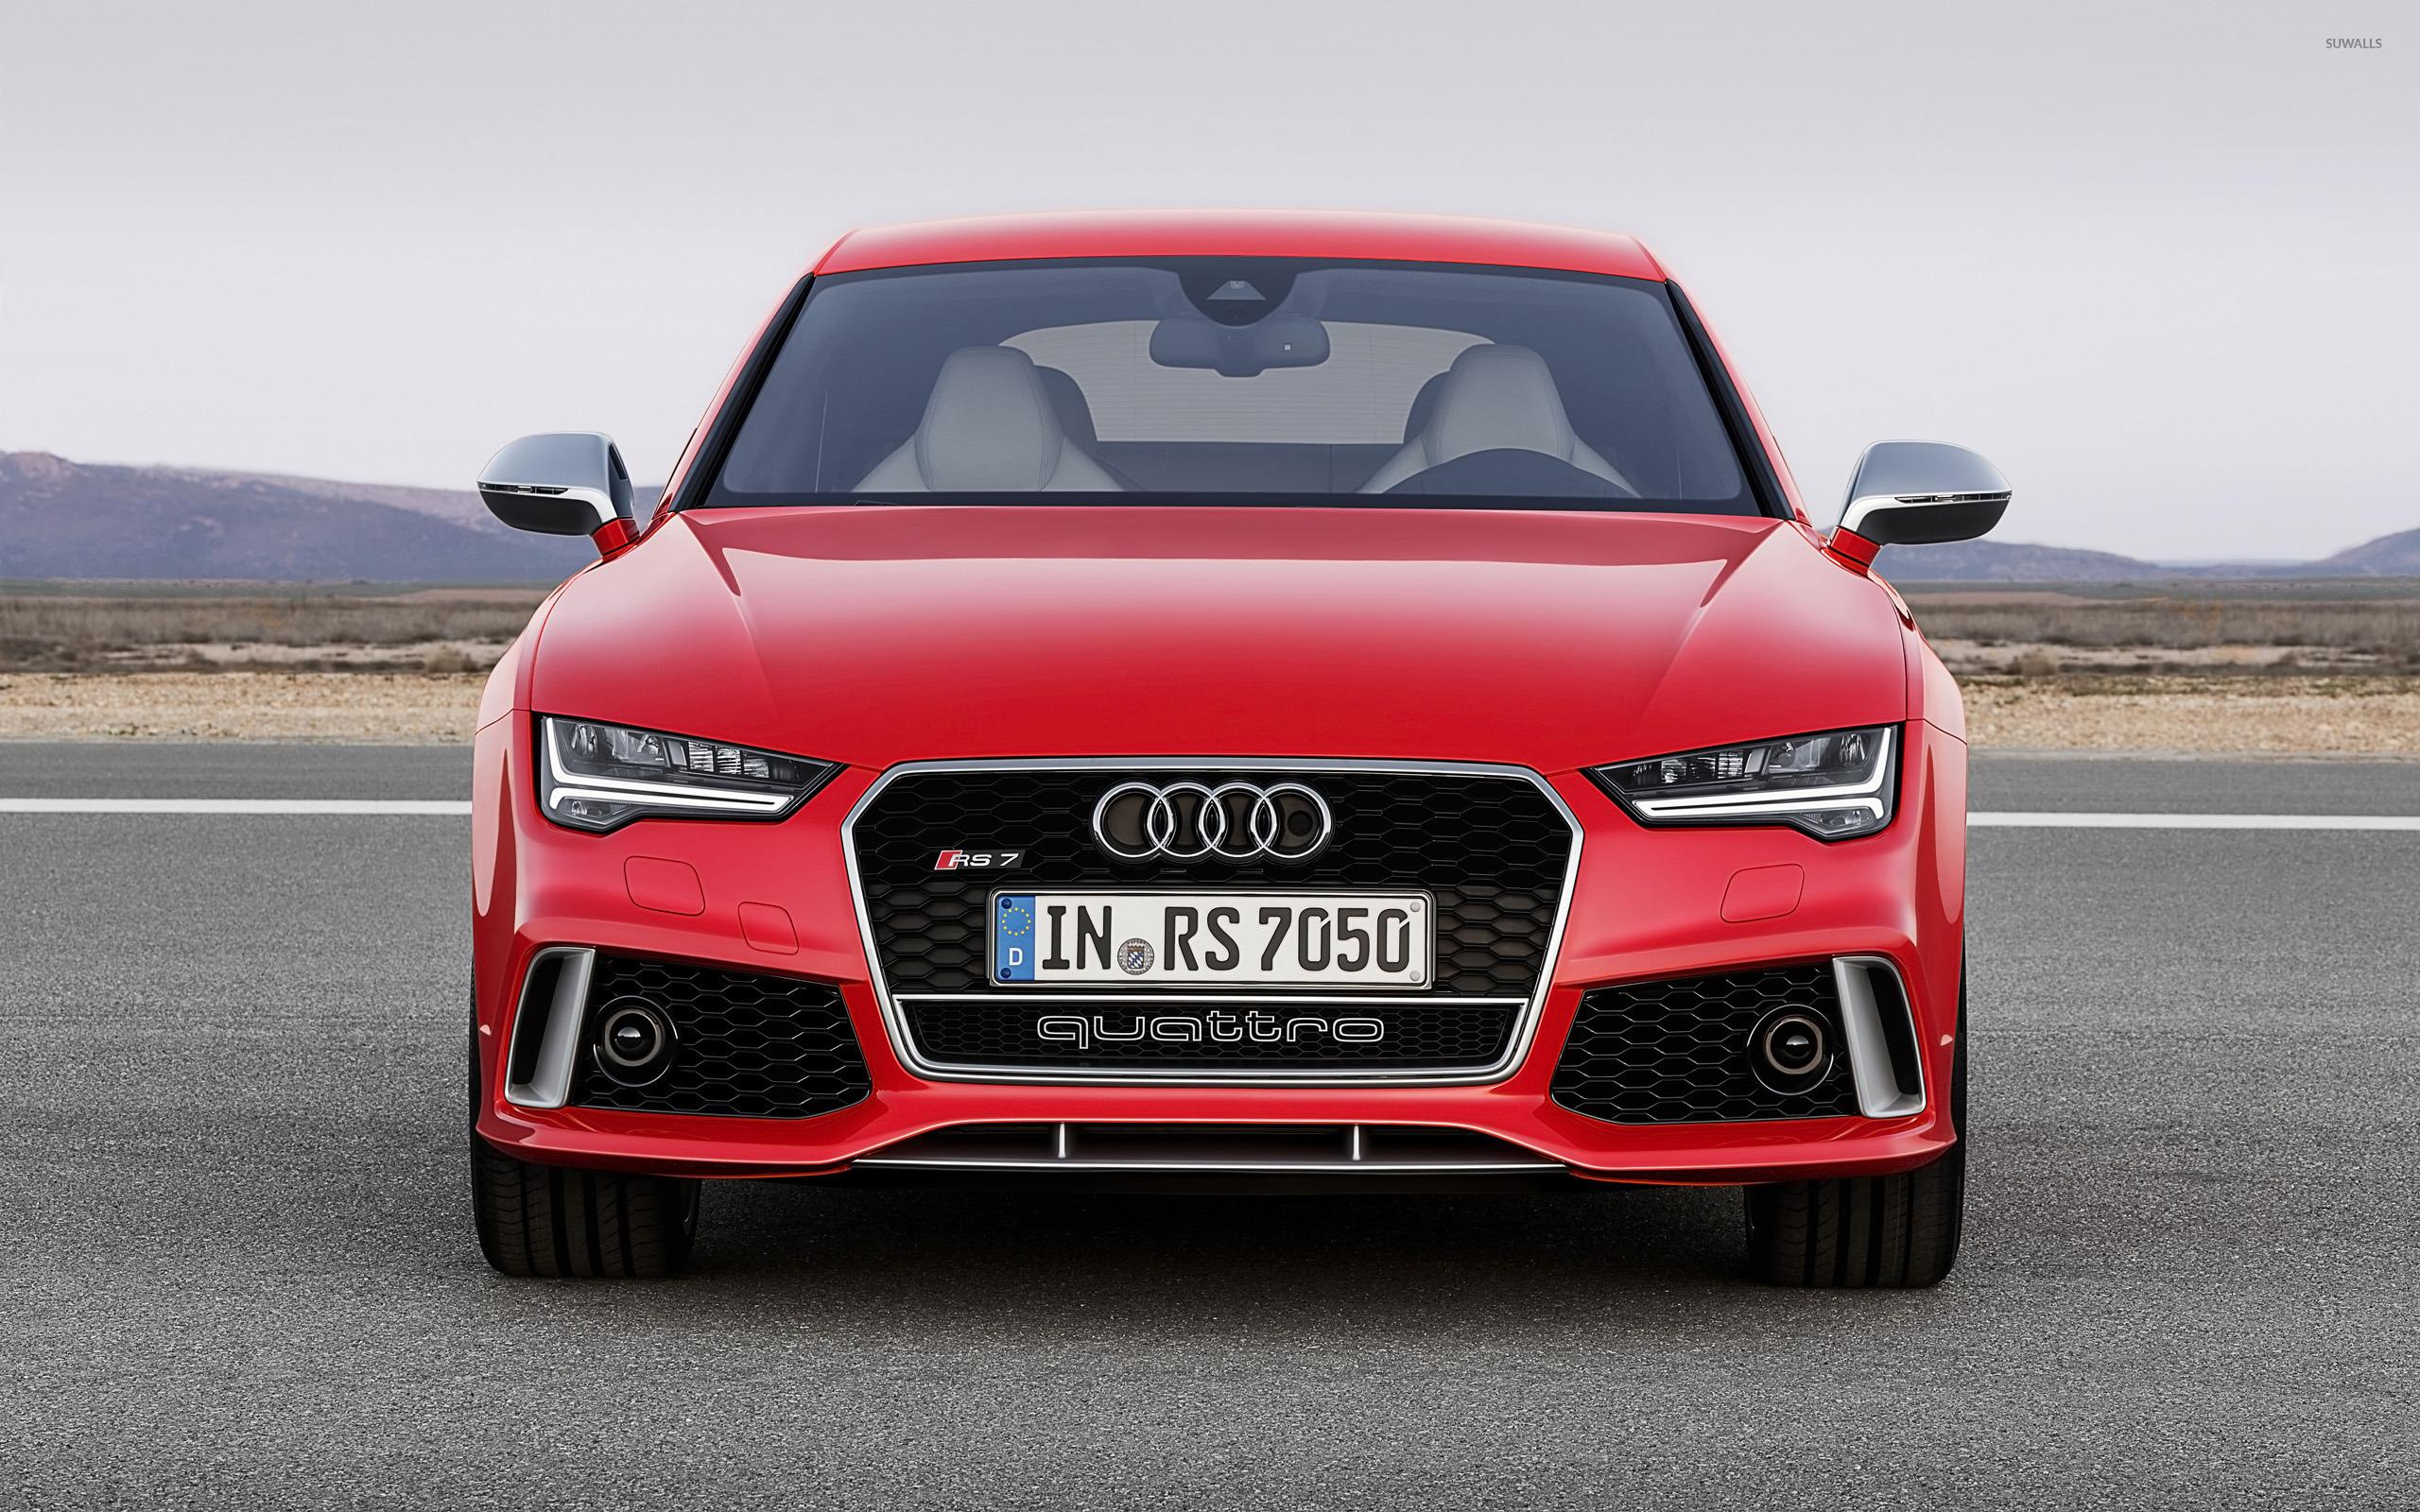 Audi Rs 7 Quattro Wallpaper Car Wallpapers 41430